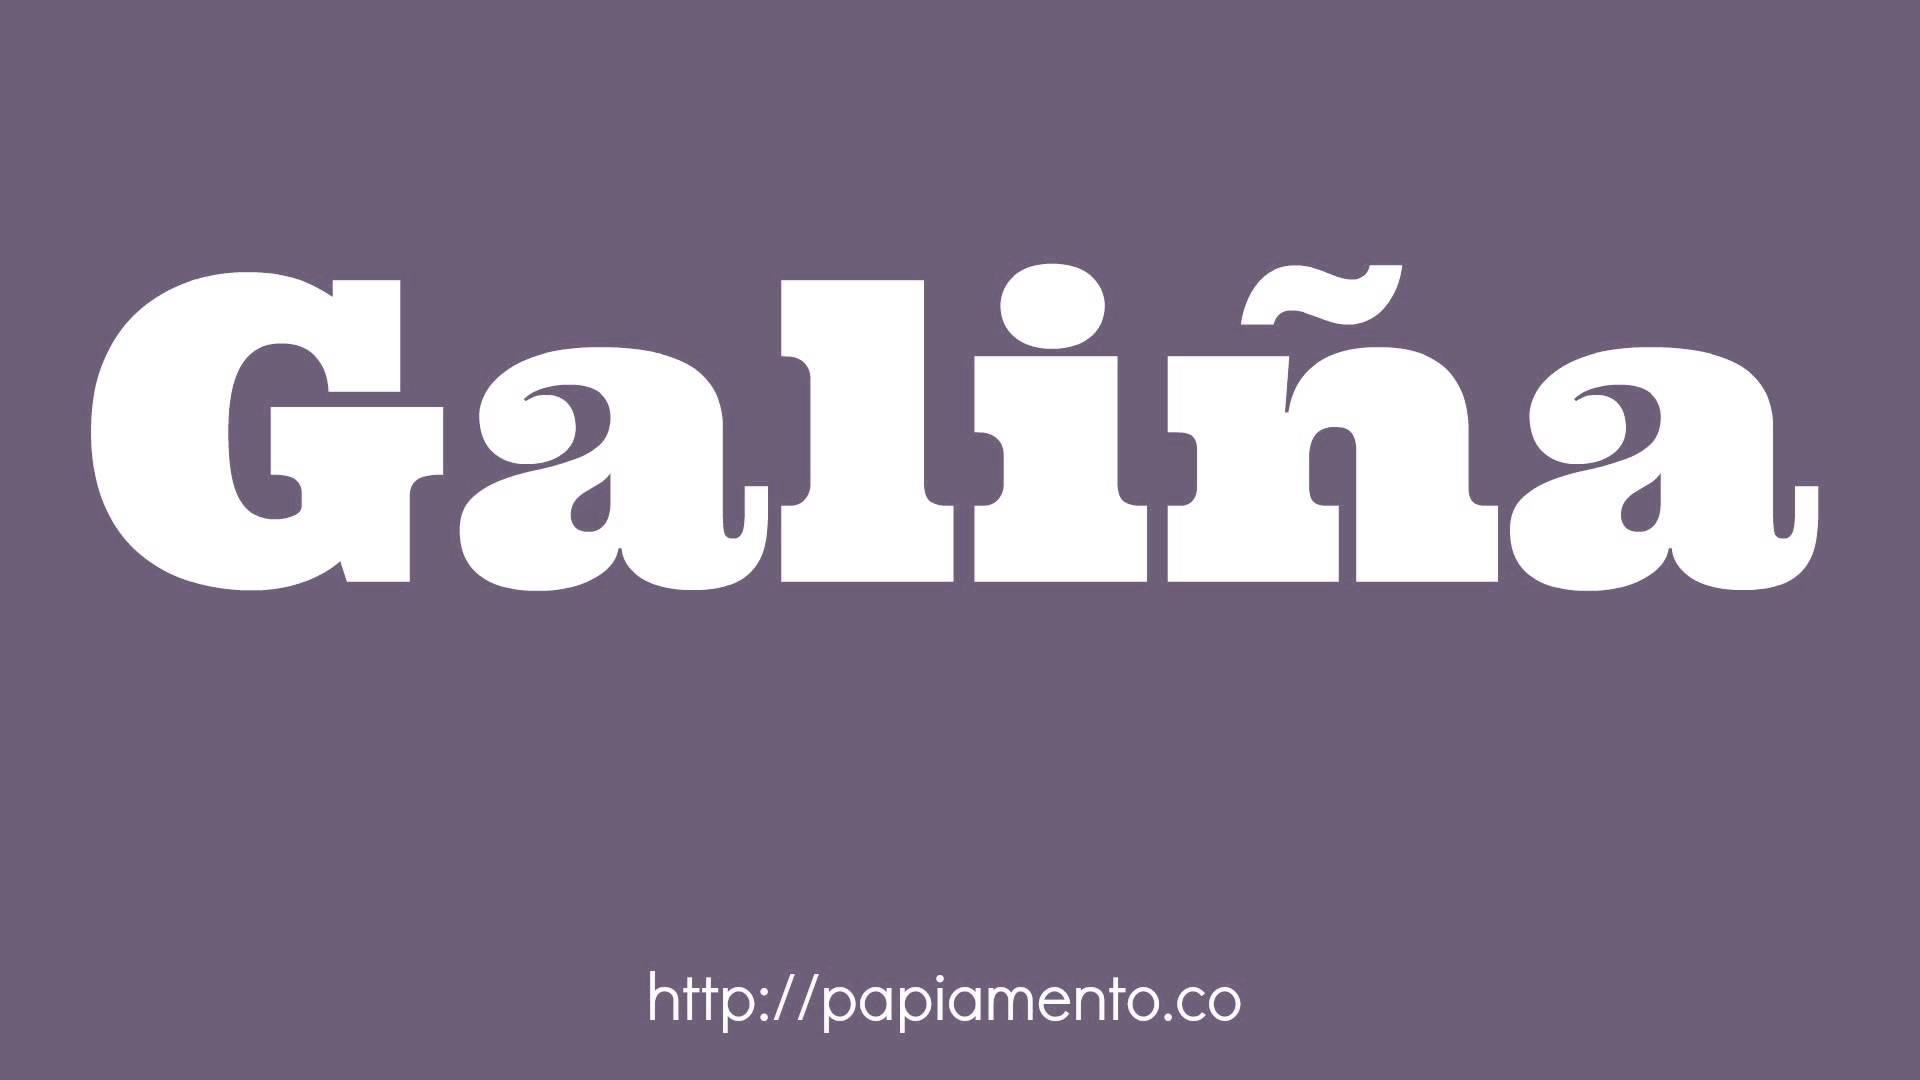 Zo zeg je kip in Papiamentu, galiña - Papiamentu.co